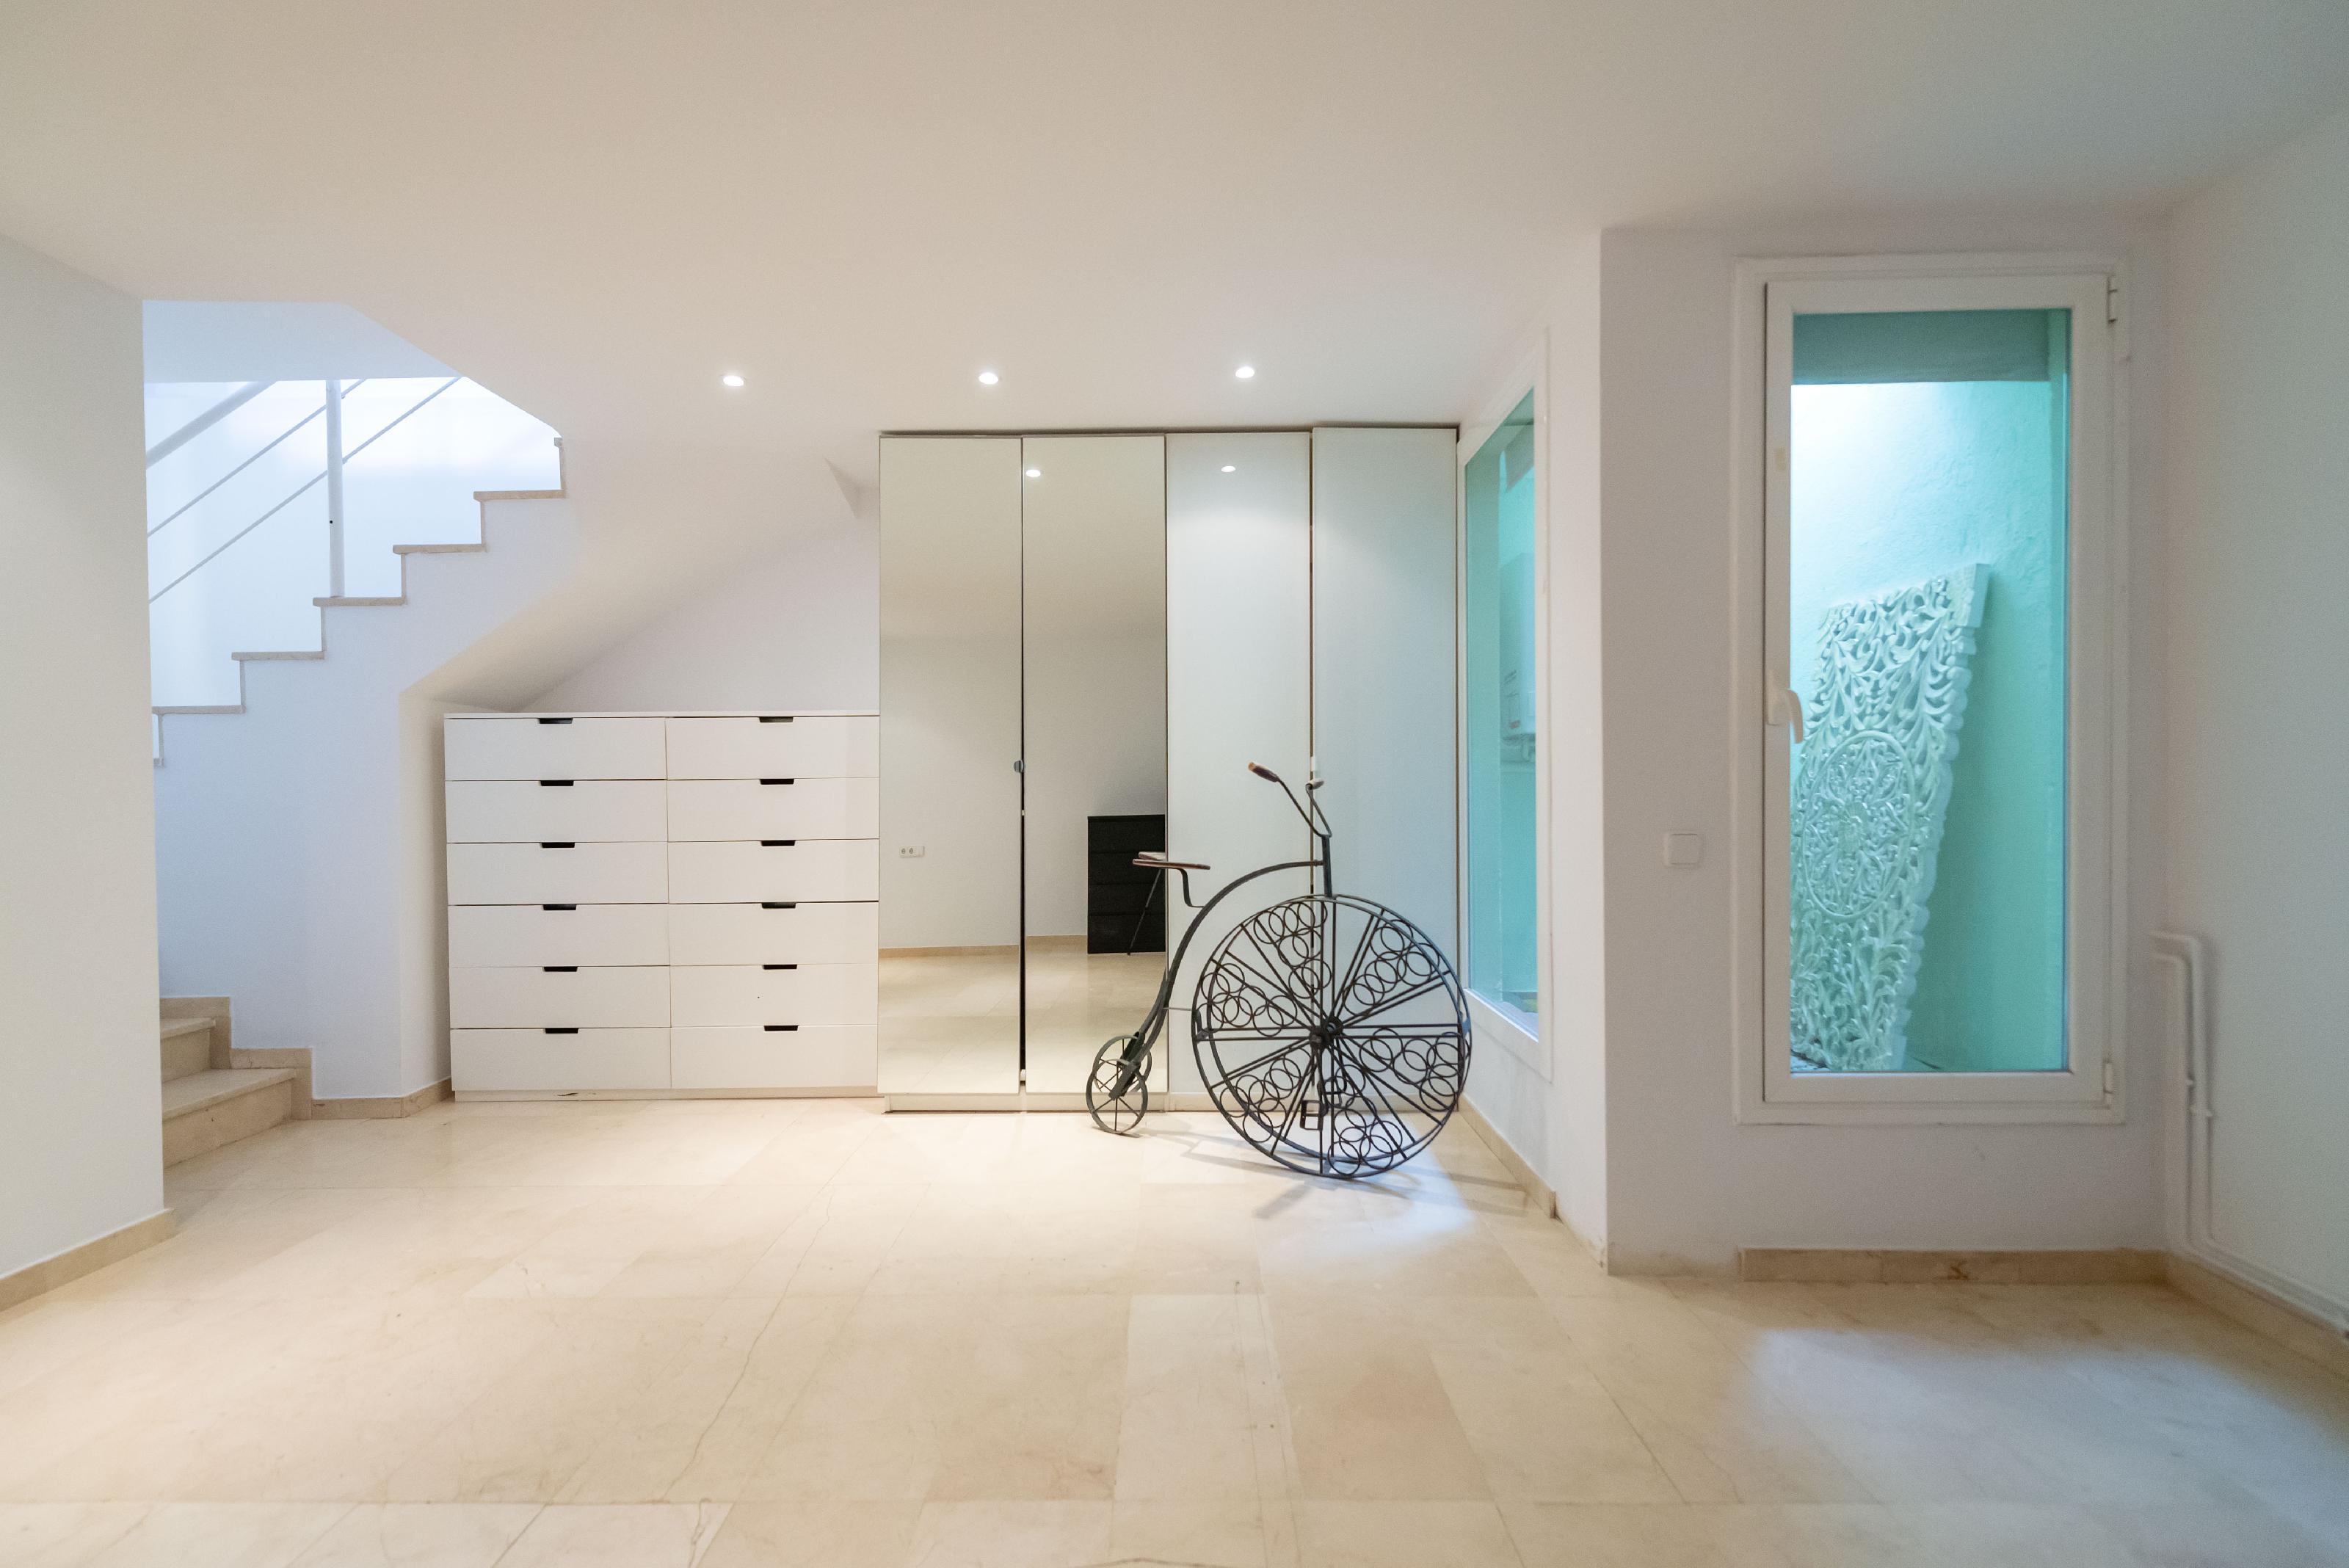 249634 House for sale in Gràcia, Vila de Gràcia 22